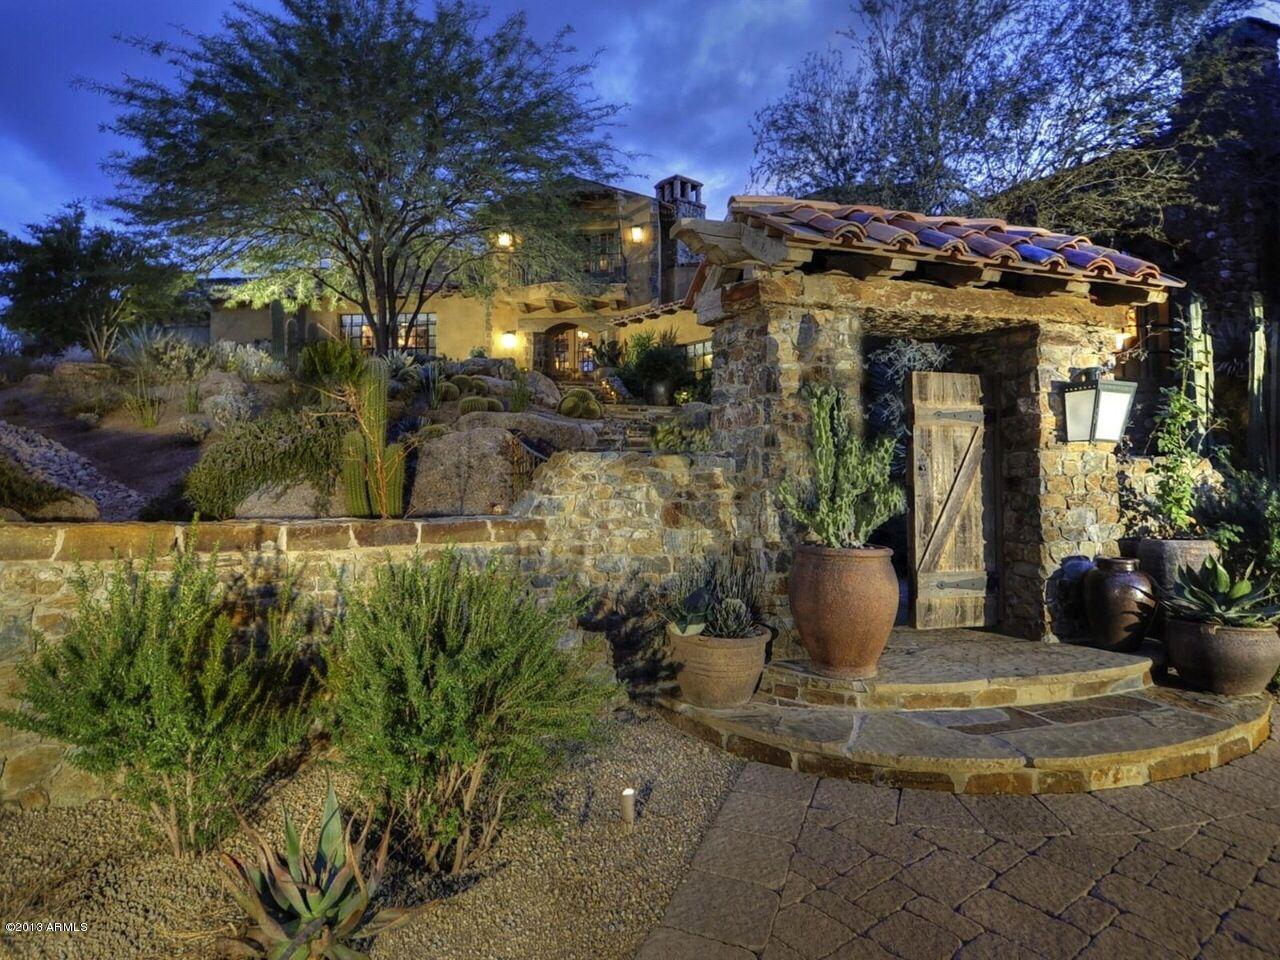 Adobe Homes Plans Images - Adobe home design